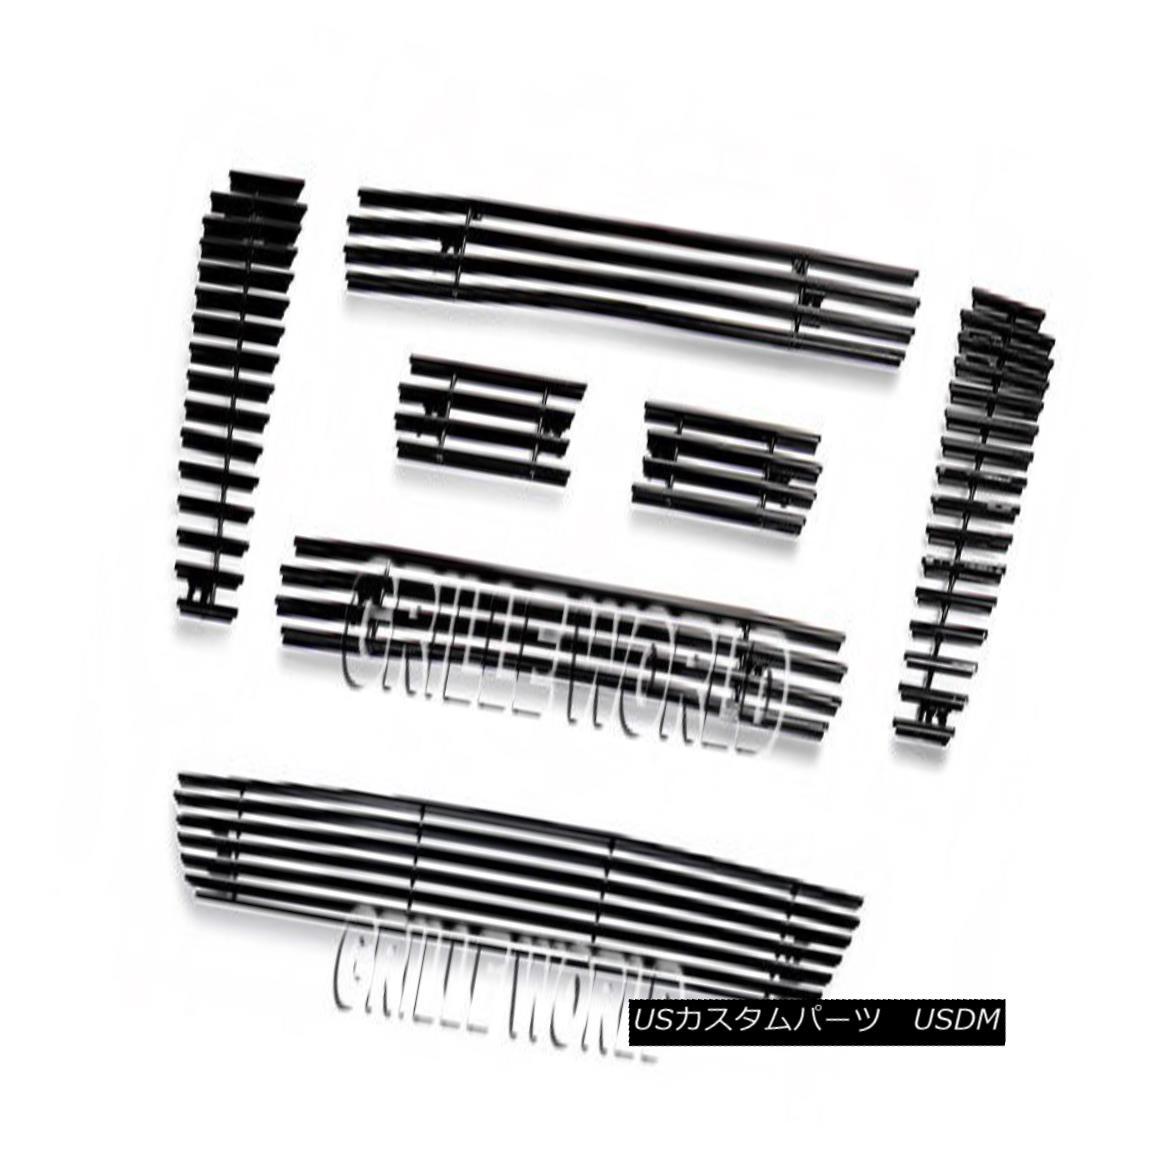 グリル For 2006-2008 Ford F-150 Bar Style Black Billet Premium Grille Grill Combo 2006-2008フォードF-150バースタイルブラックビレットプレミアムグリルグリルコンボ用